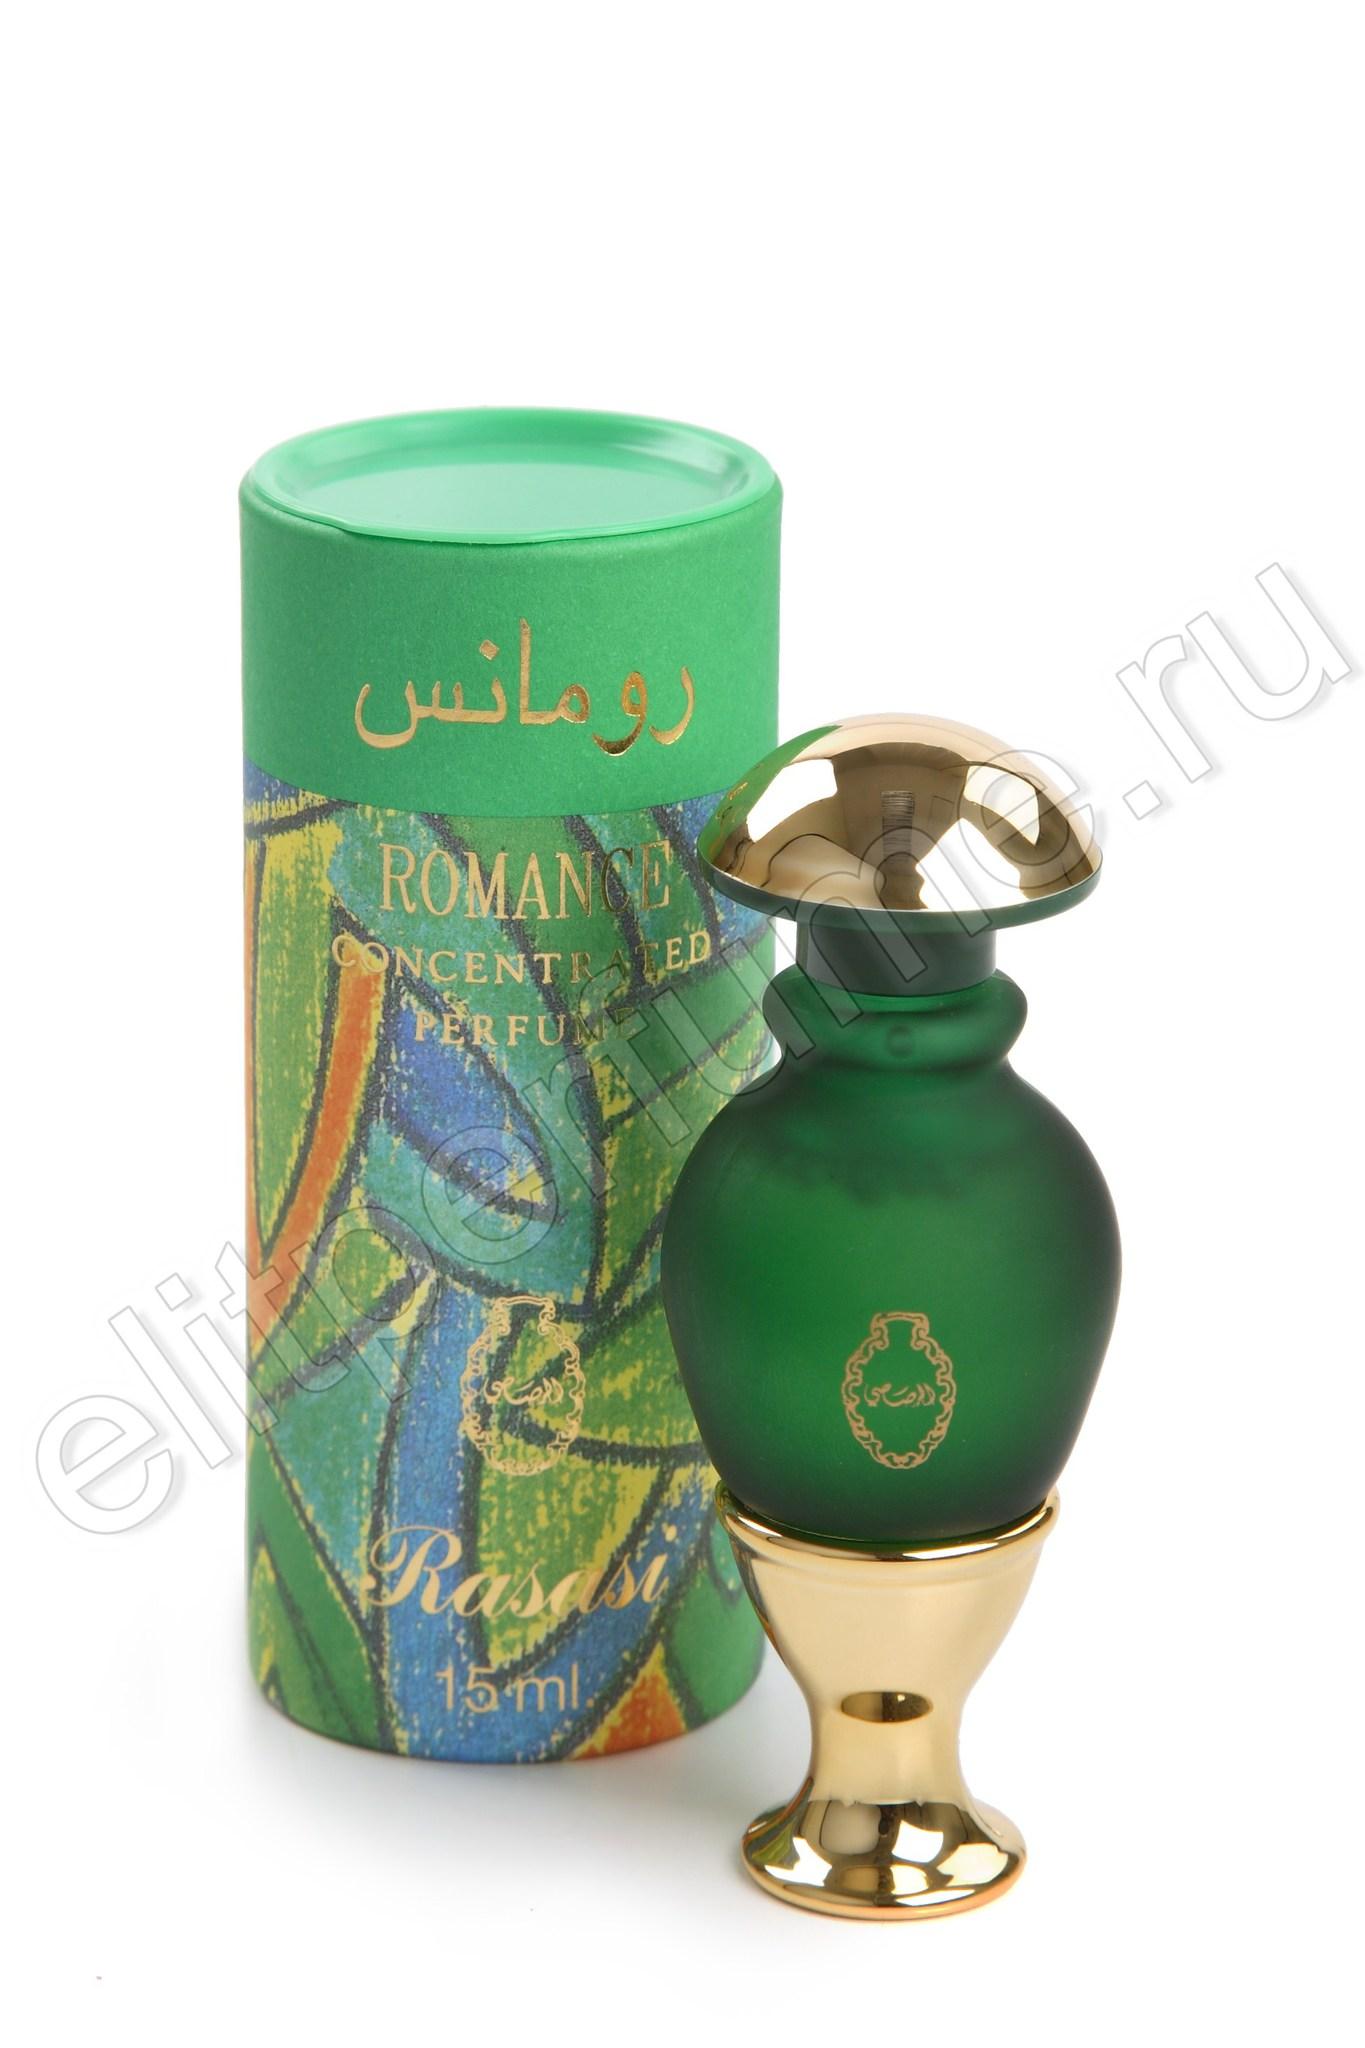 Пробники для арабских духов Романтика Romance 1 мл арабские масляные духи от Расаси Rasasi Perfumes